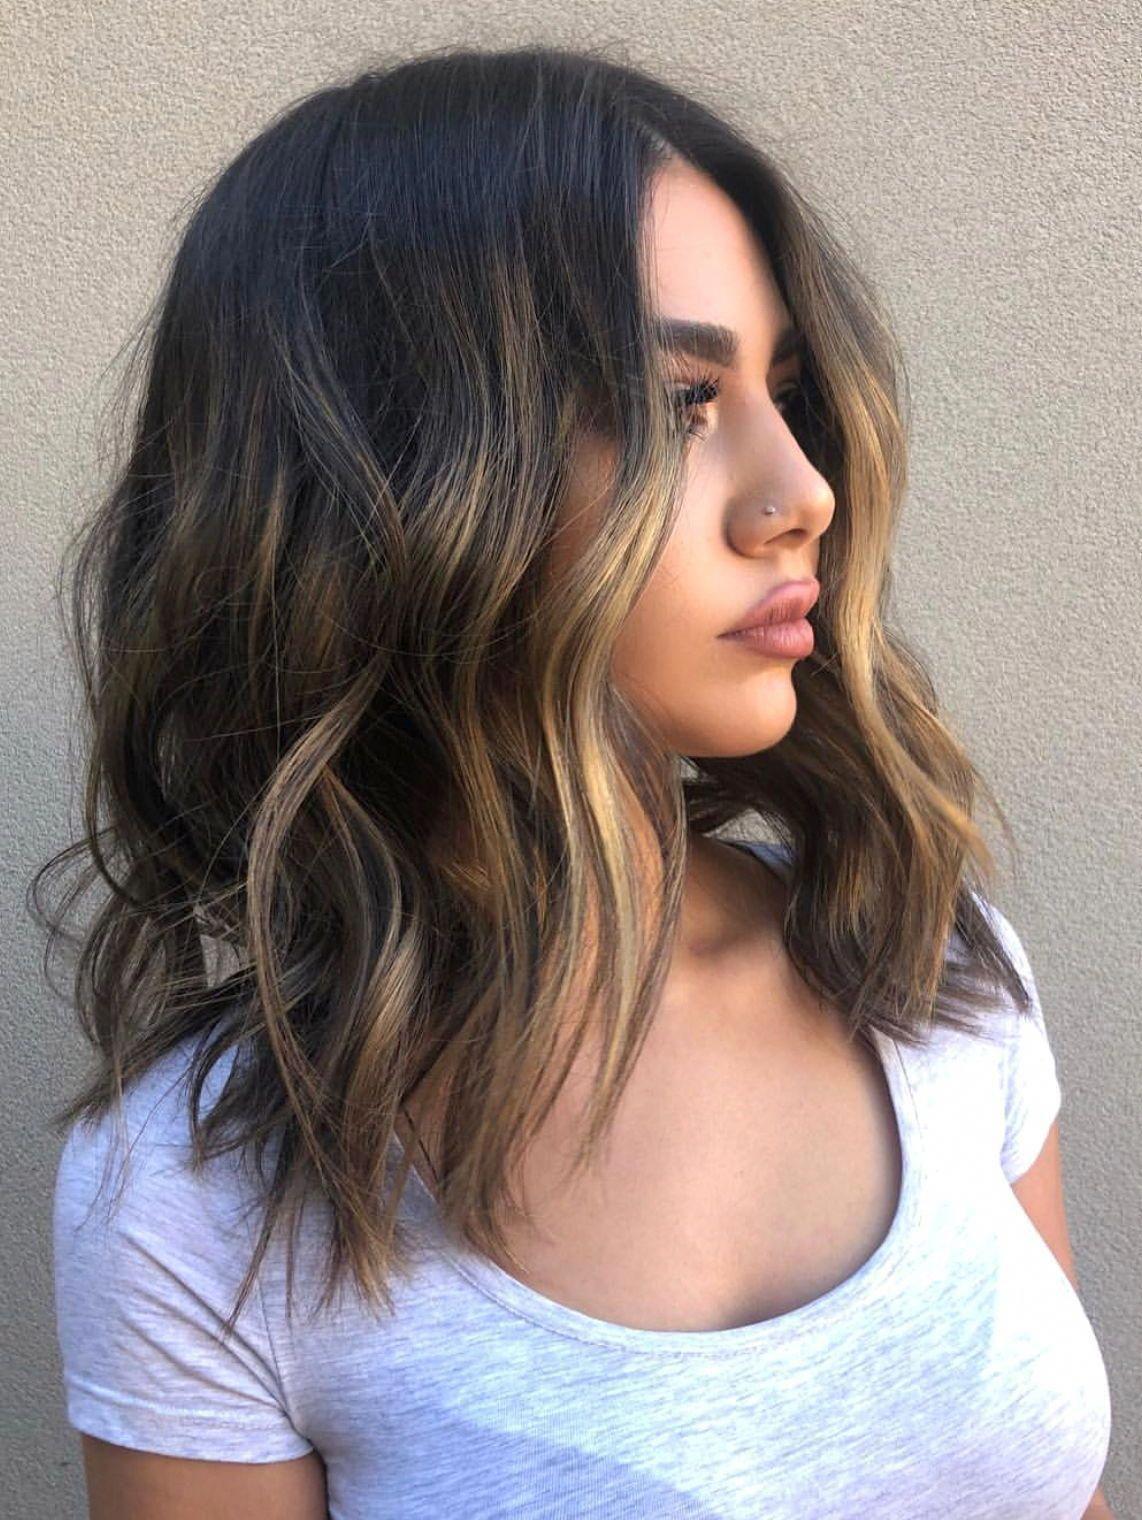 Medium-Hair